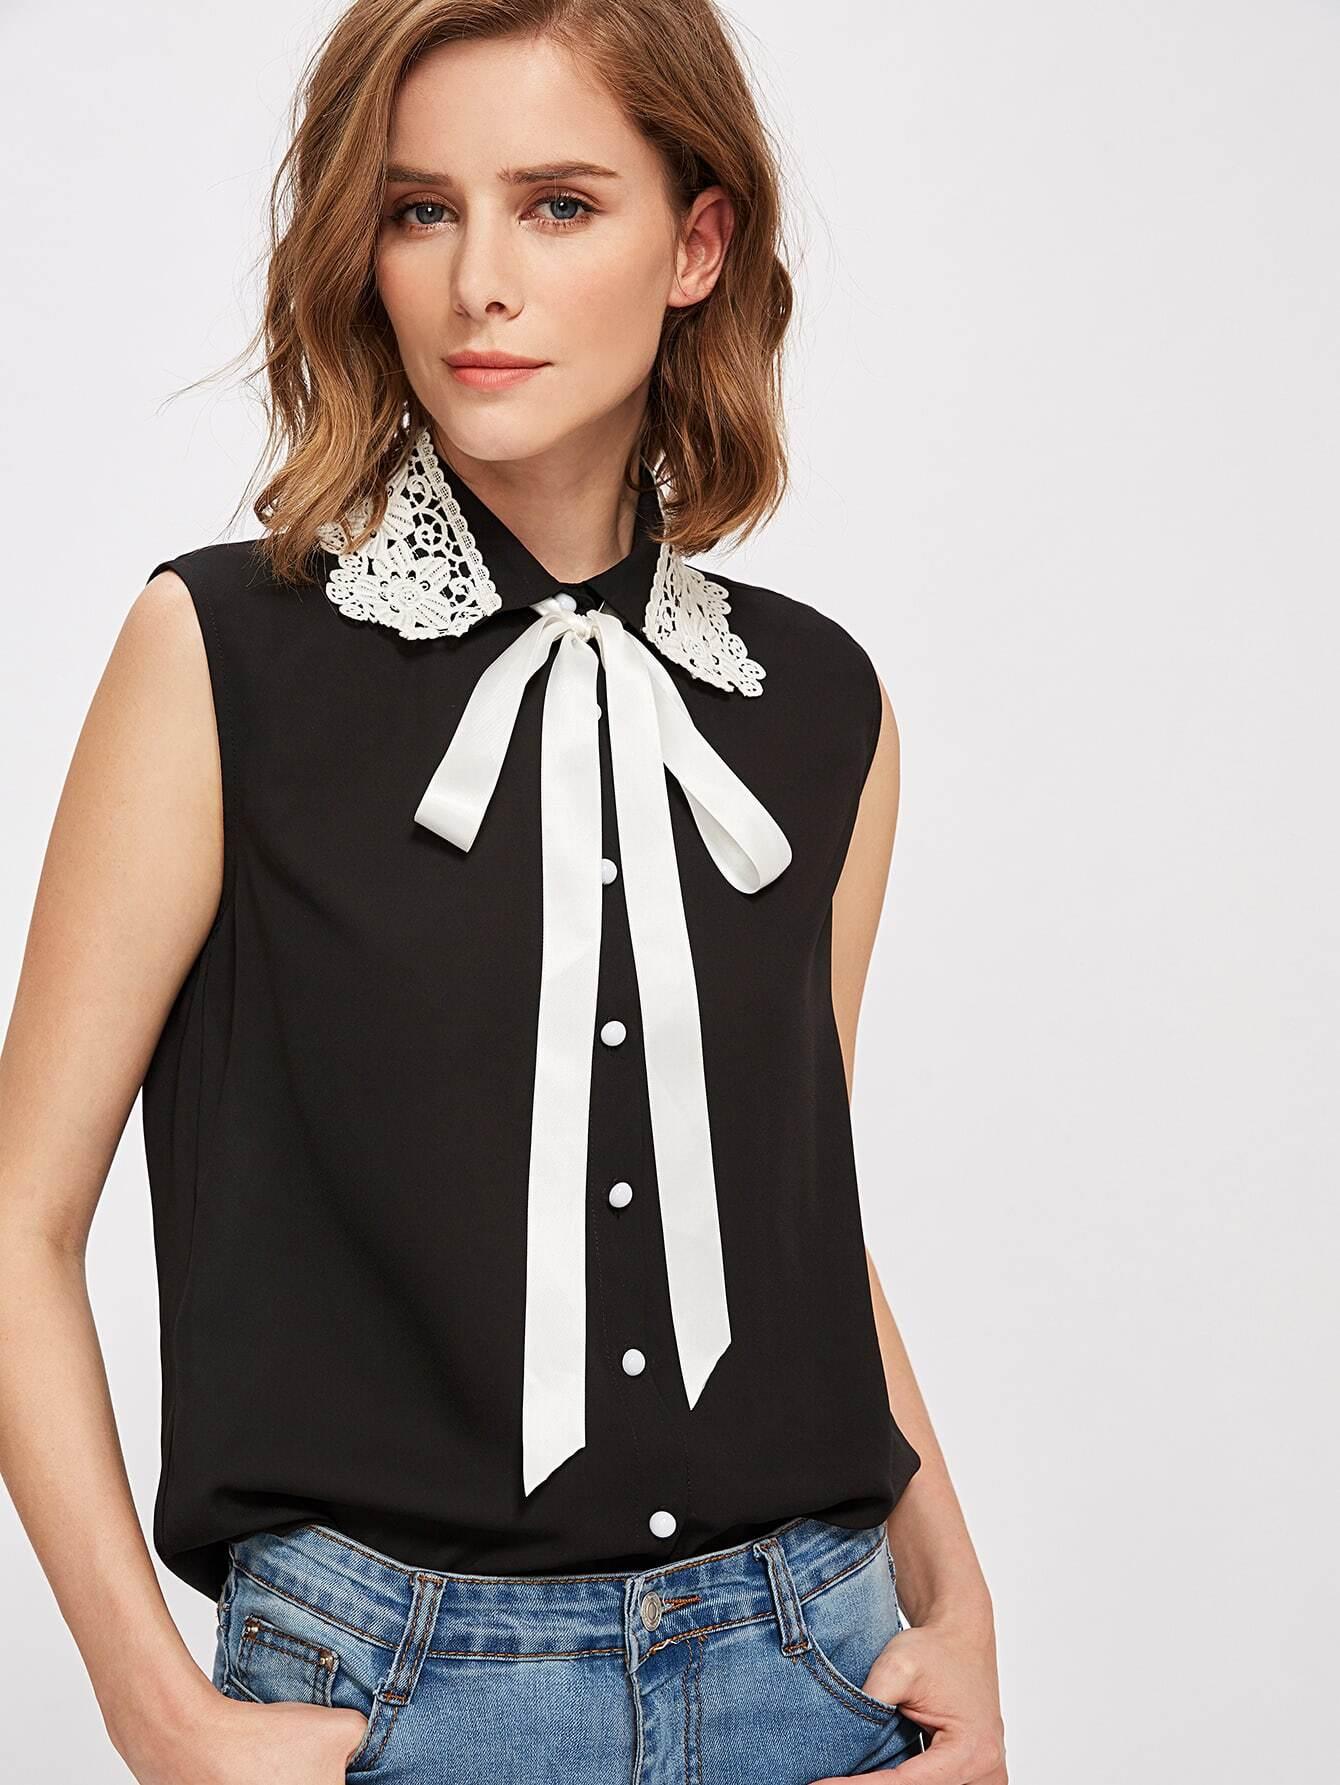 Lace Applique Collar Tie Neck Blouse blouse170710705